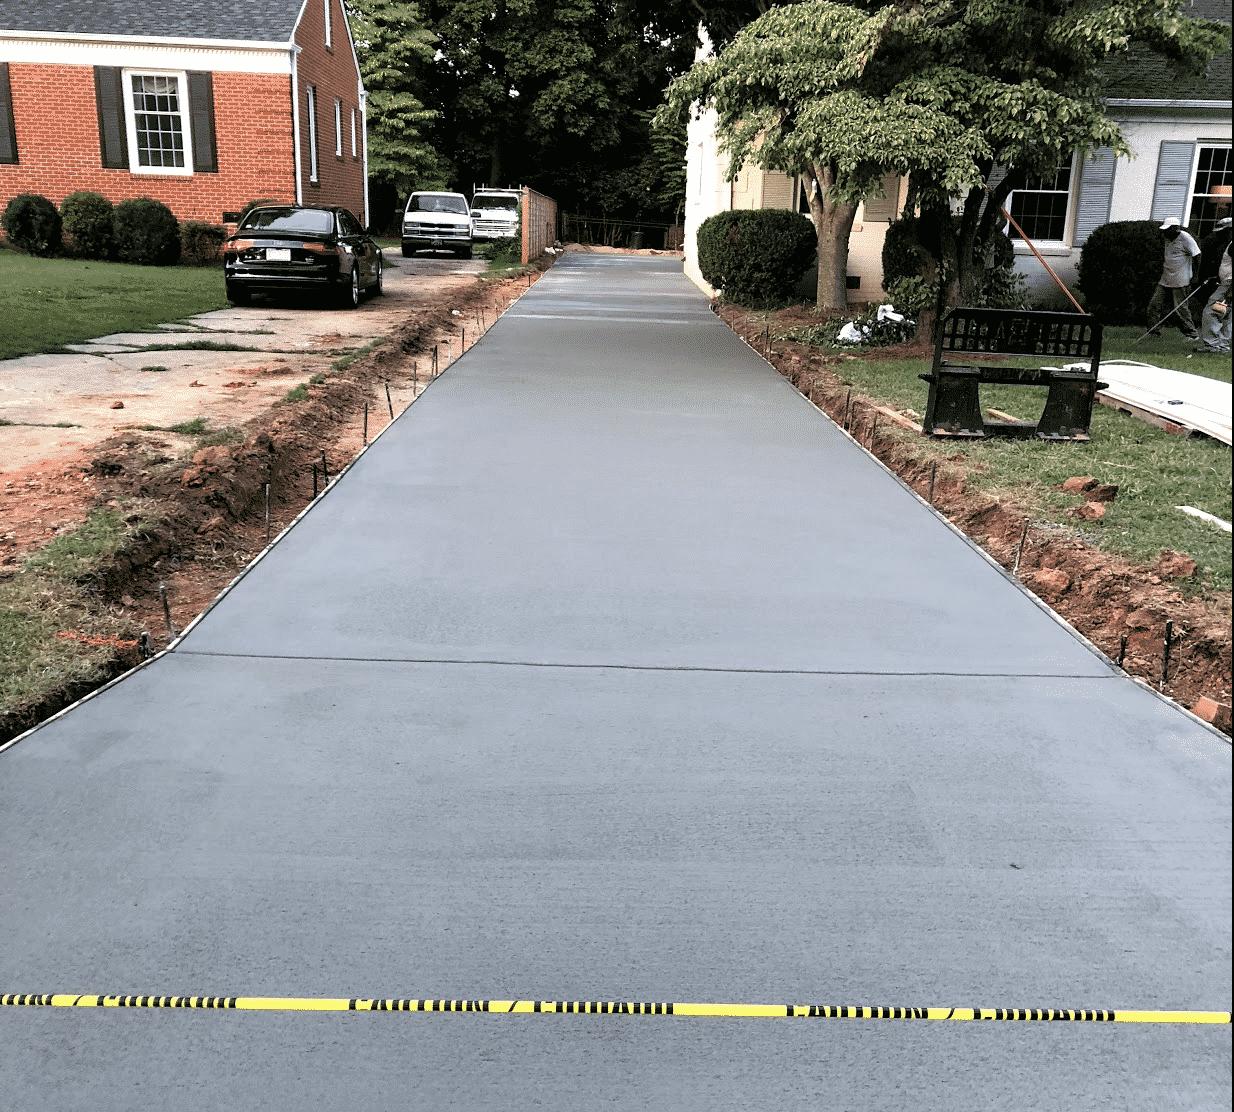 Concrete Driveway Caution Tape